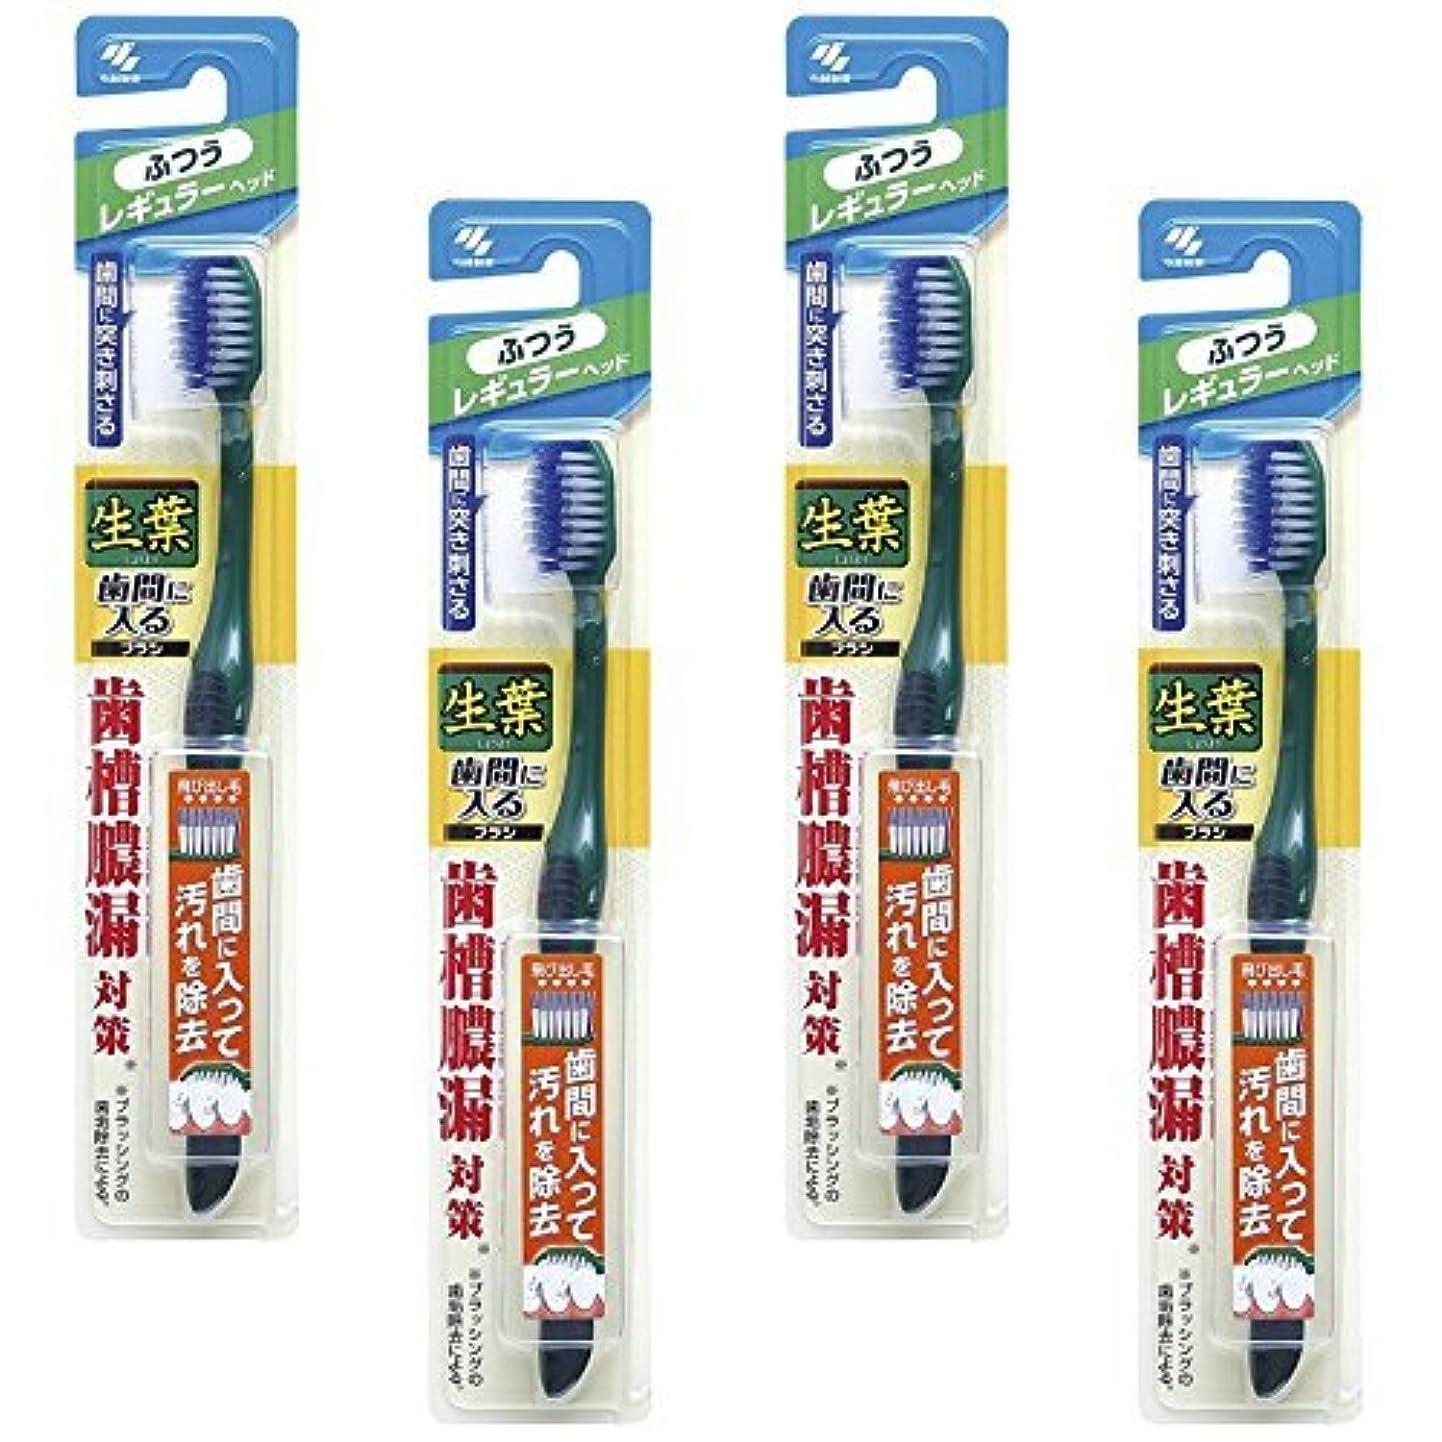 ビルダー人に関する限り起きる【まとめ買い】生葉(しょうよう)歯間に入るブラシ 歯ブラシ レギュラー ふつう ×4個